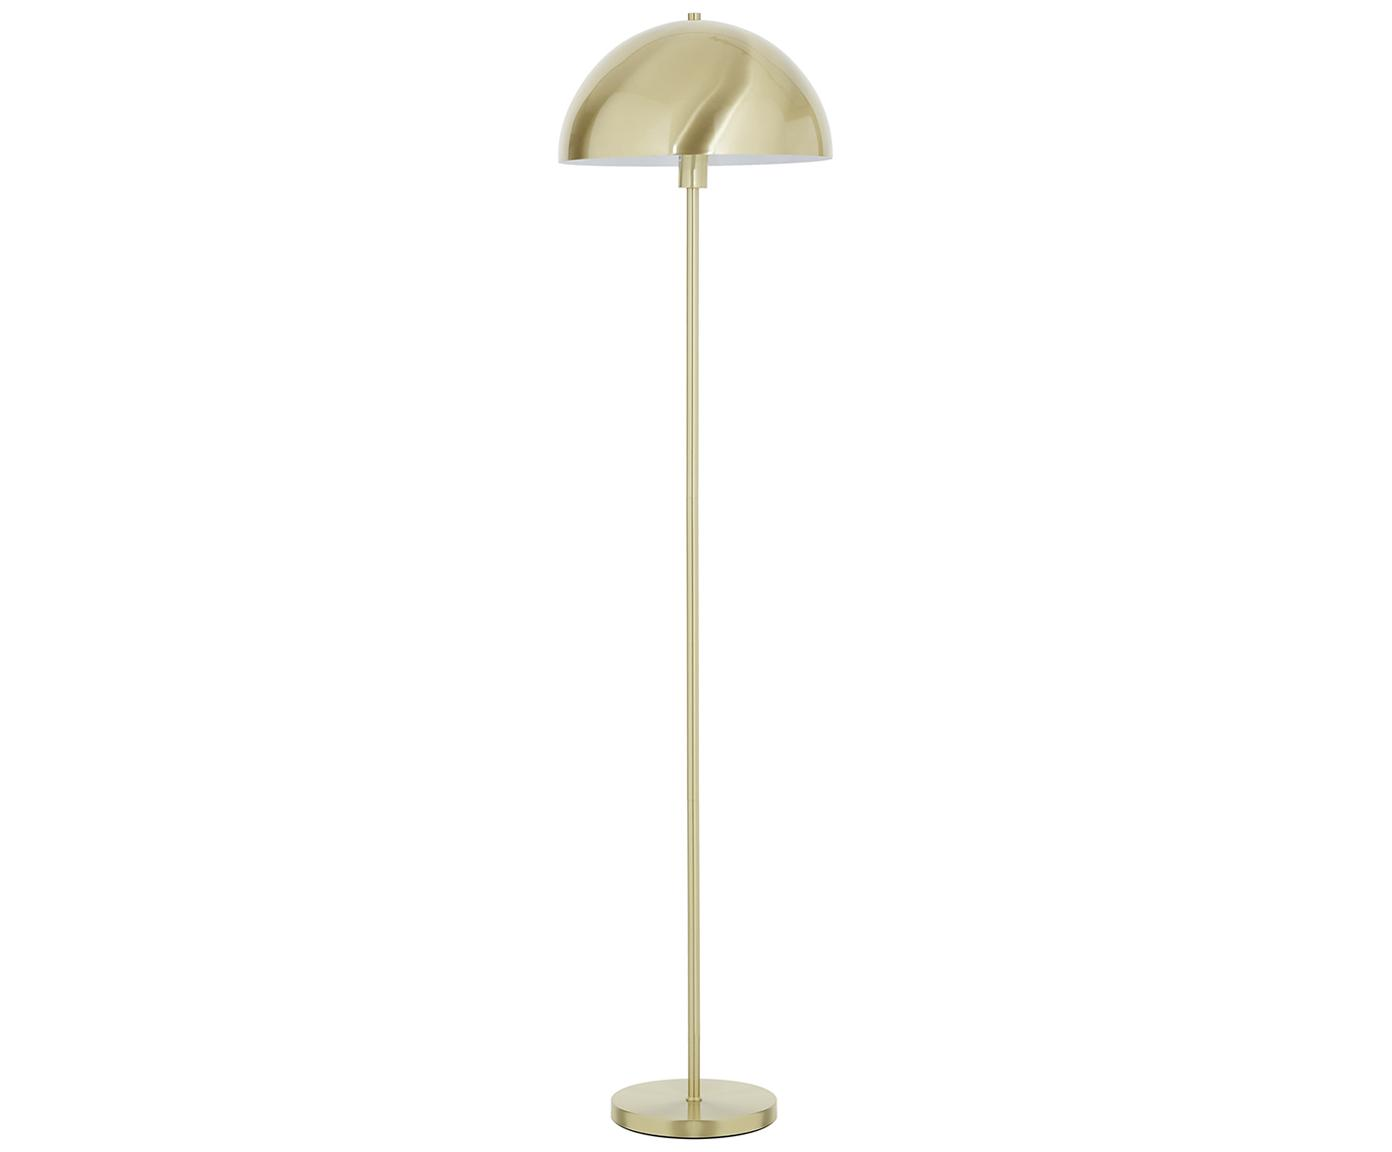 Lámpara de pie Matilda, Pantalla: metal cepillado, Cable: plástico, Latón, Ø 40 x Al 164 cm